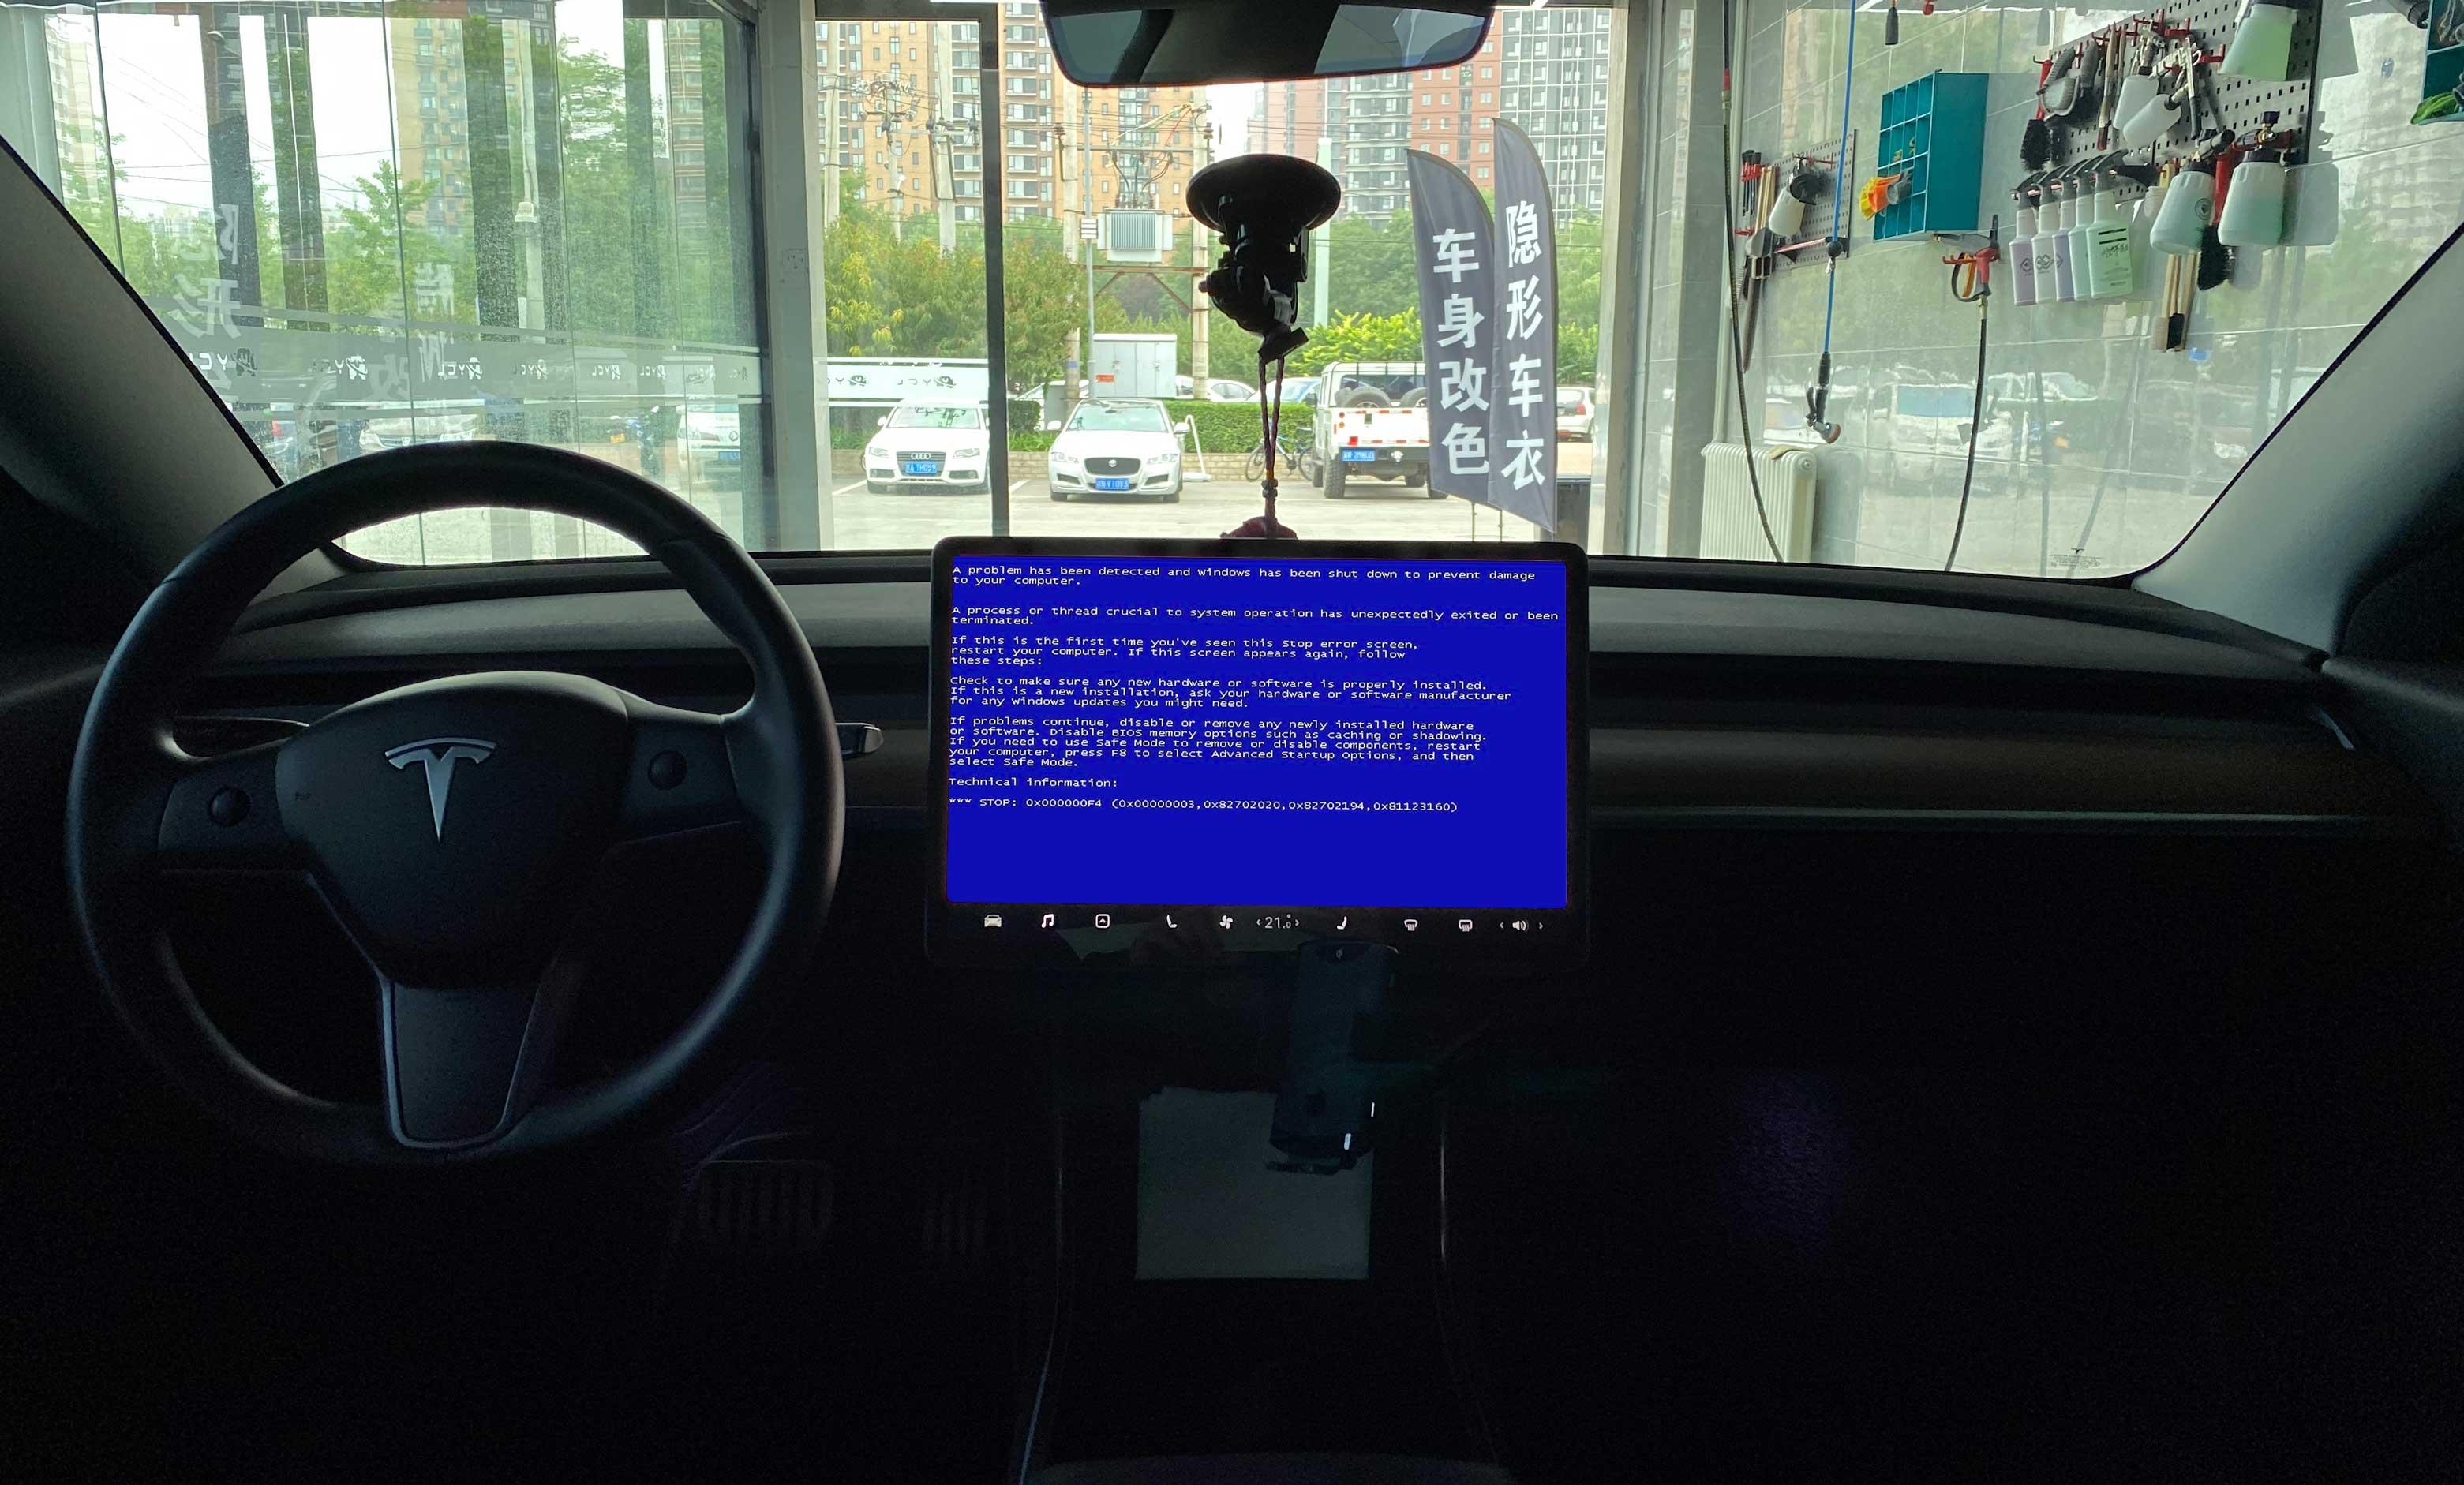 特斯拉大屏幕死机了怎么办?